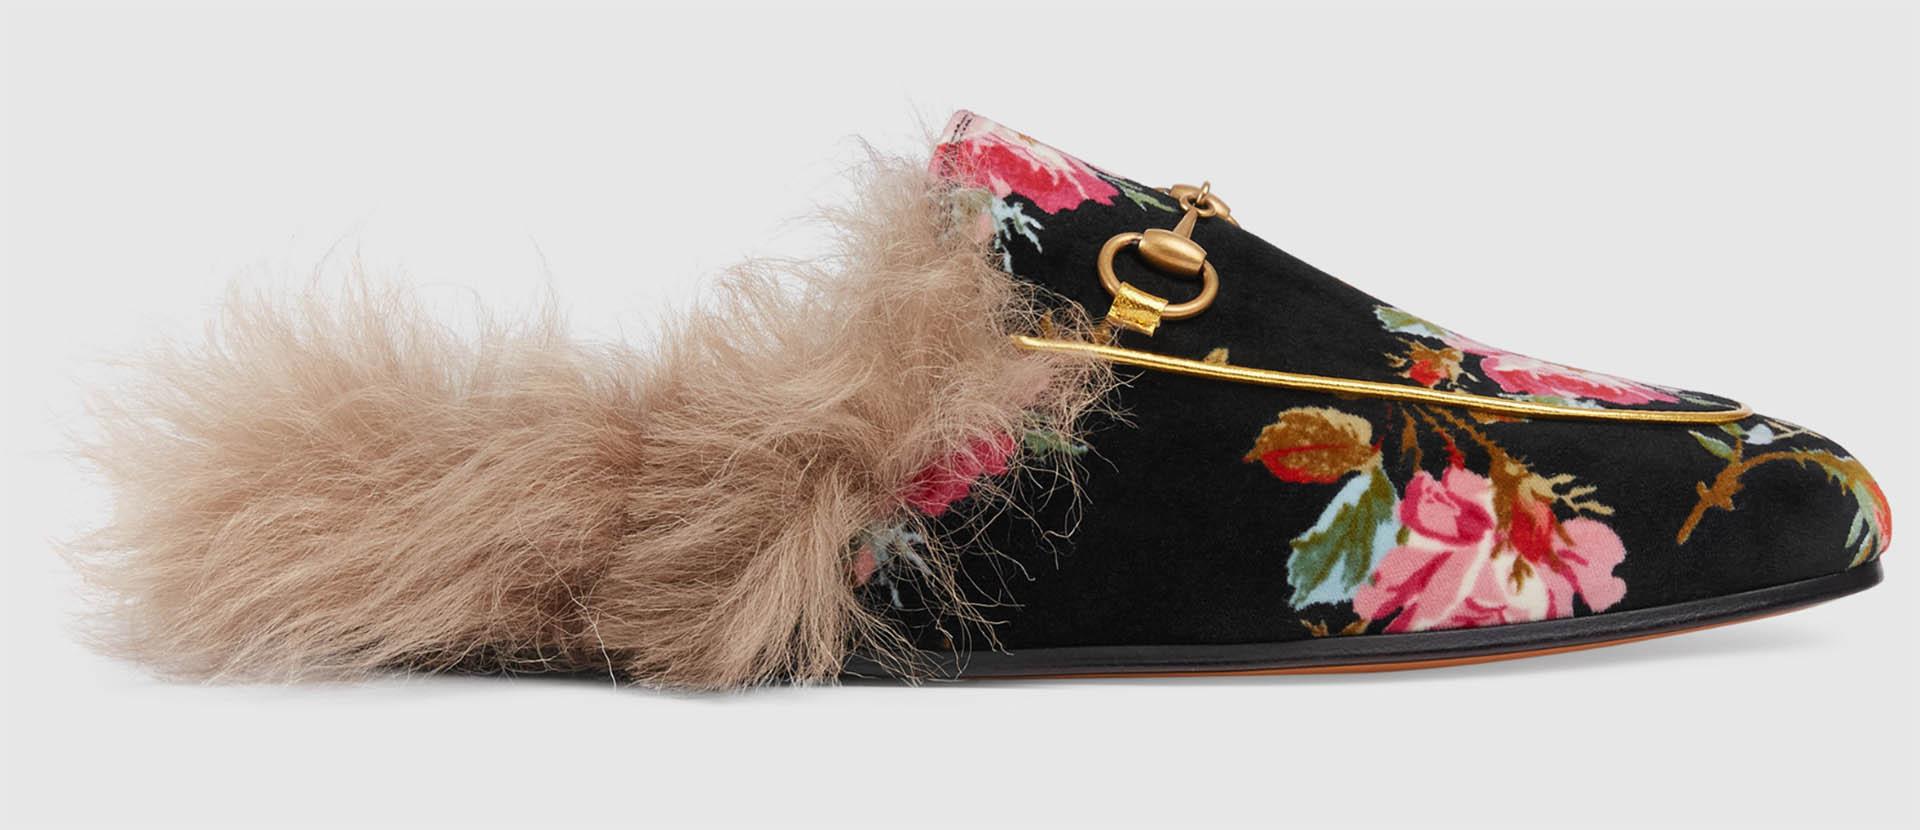 """""""Slipper Princetown"""", un diseño """"revival"""" de las tradicionales slippers de Gucci. Confeccionadas en terciopelo con rosas y forrado en su interior con pelo de cordero teñido. Este modelo fue presentado en la colección crucero 2018 de la marca"""